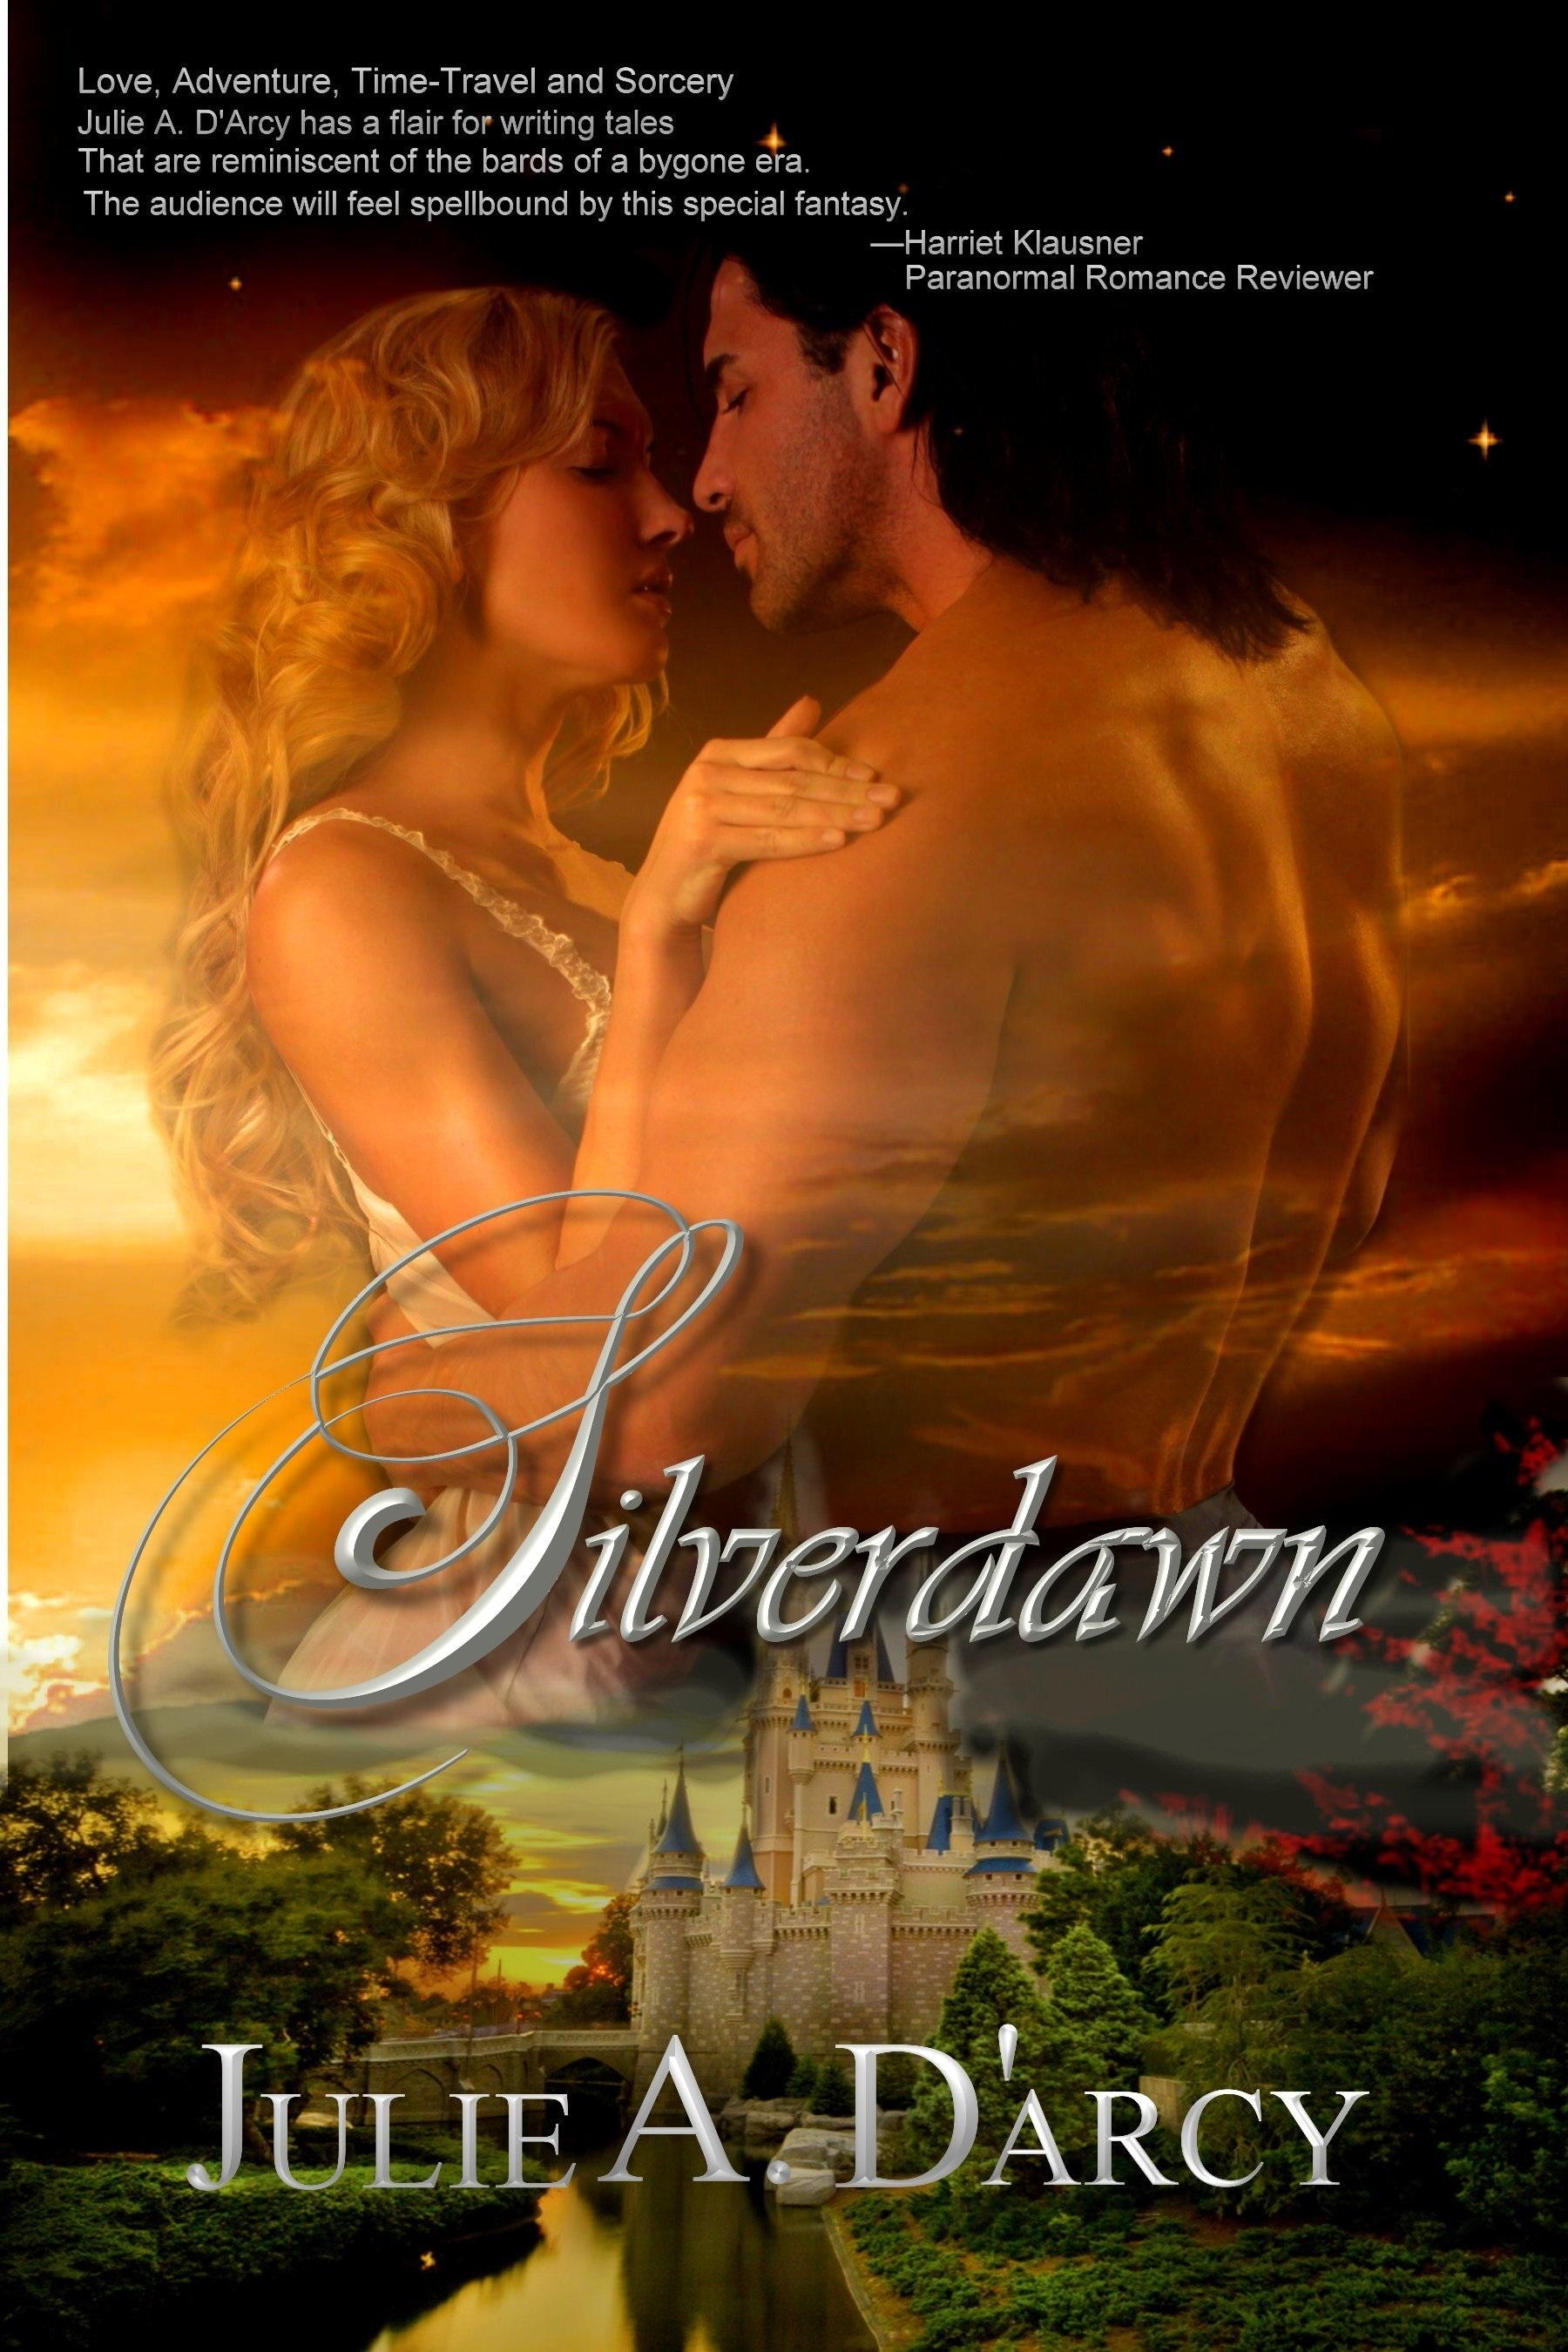 Silverdawn Julie A. DArcy